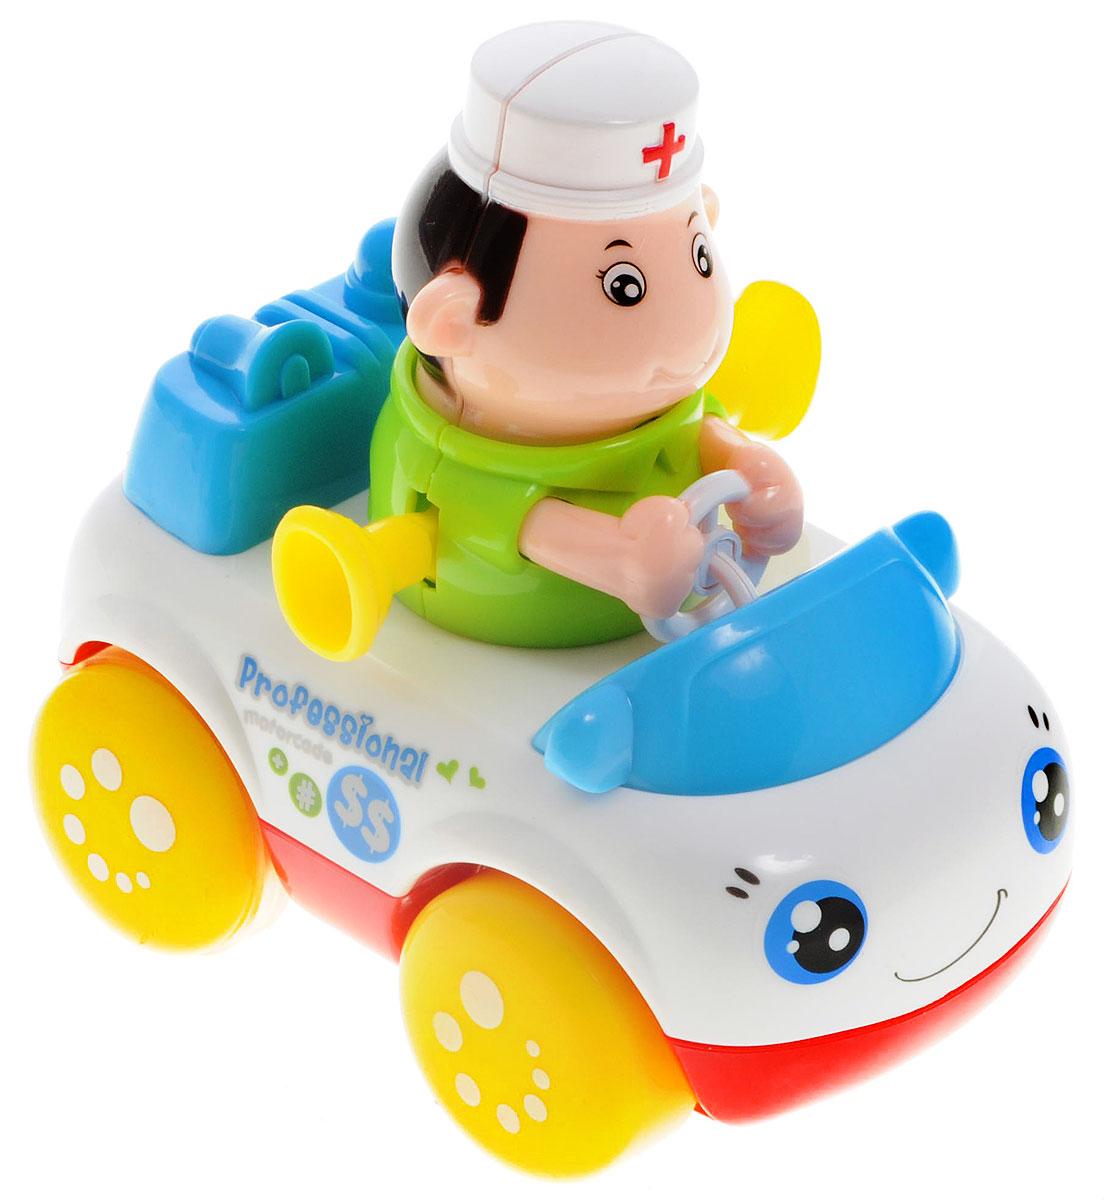 Huile Toys Машинка инерционная Доктор356СЯркая машинка Huile Toys Доктор привлечет внимание вашего малыша и не позволит ему скучать! Выполненная из безопасного пластика с элементами из металла, игрушка представляет собой забавную машинку с водителем в виде доктора. Округлые, без острых углов, формы гарантируют безопасность даже самым маленьким. Игрушка оснащена инерционным механизмом. Для запуска установите игрушку на поверхность, подтолкните назад или вперед и отпустите, игрушка продолжит движение. Во время движения фигурка забавно качает головой и ножками. Игрушка поможет ребенку в развитии воображения, мелкой моторики рук и цветового восприятия. Сделайте вашему малышу такой замечательный подарок!